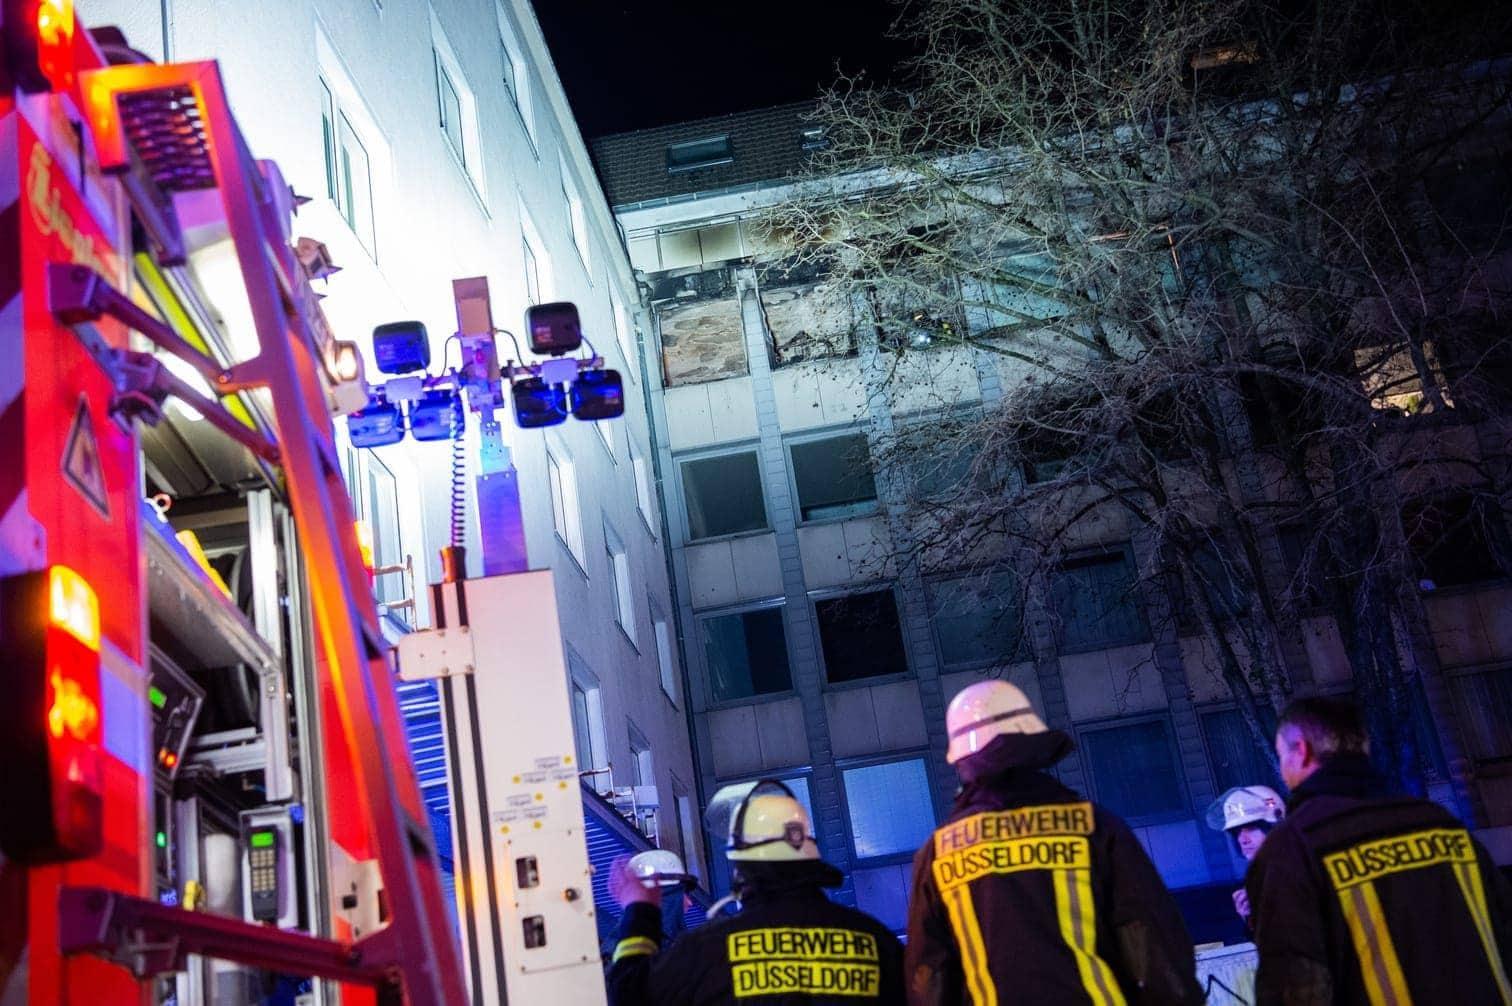 sagte ein Sprecher der Düsseldorfer Feuerwehr. Acht Menschen wurden auf eine Rauchvergiftung untersucht